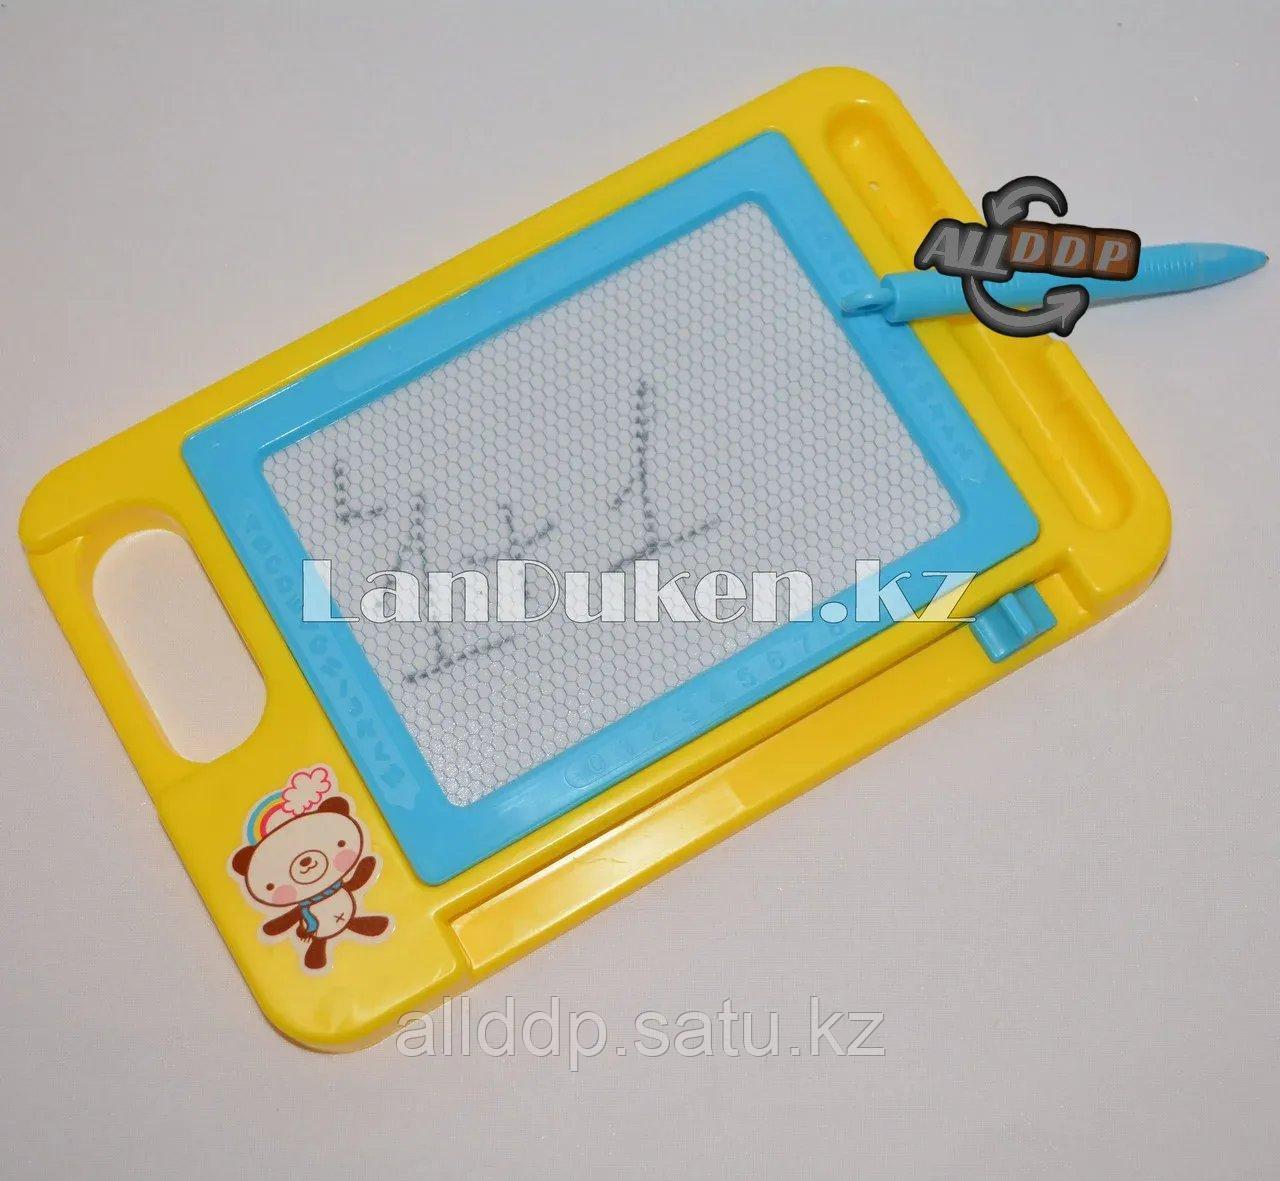 Детская доска для рисования магнитная с ручкой TK205 13х20.5 см в ассортименте